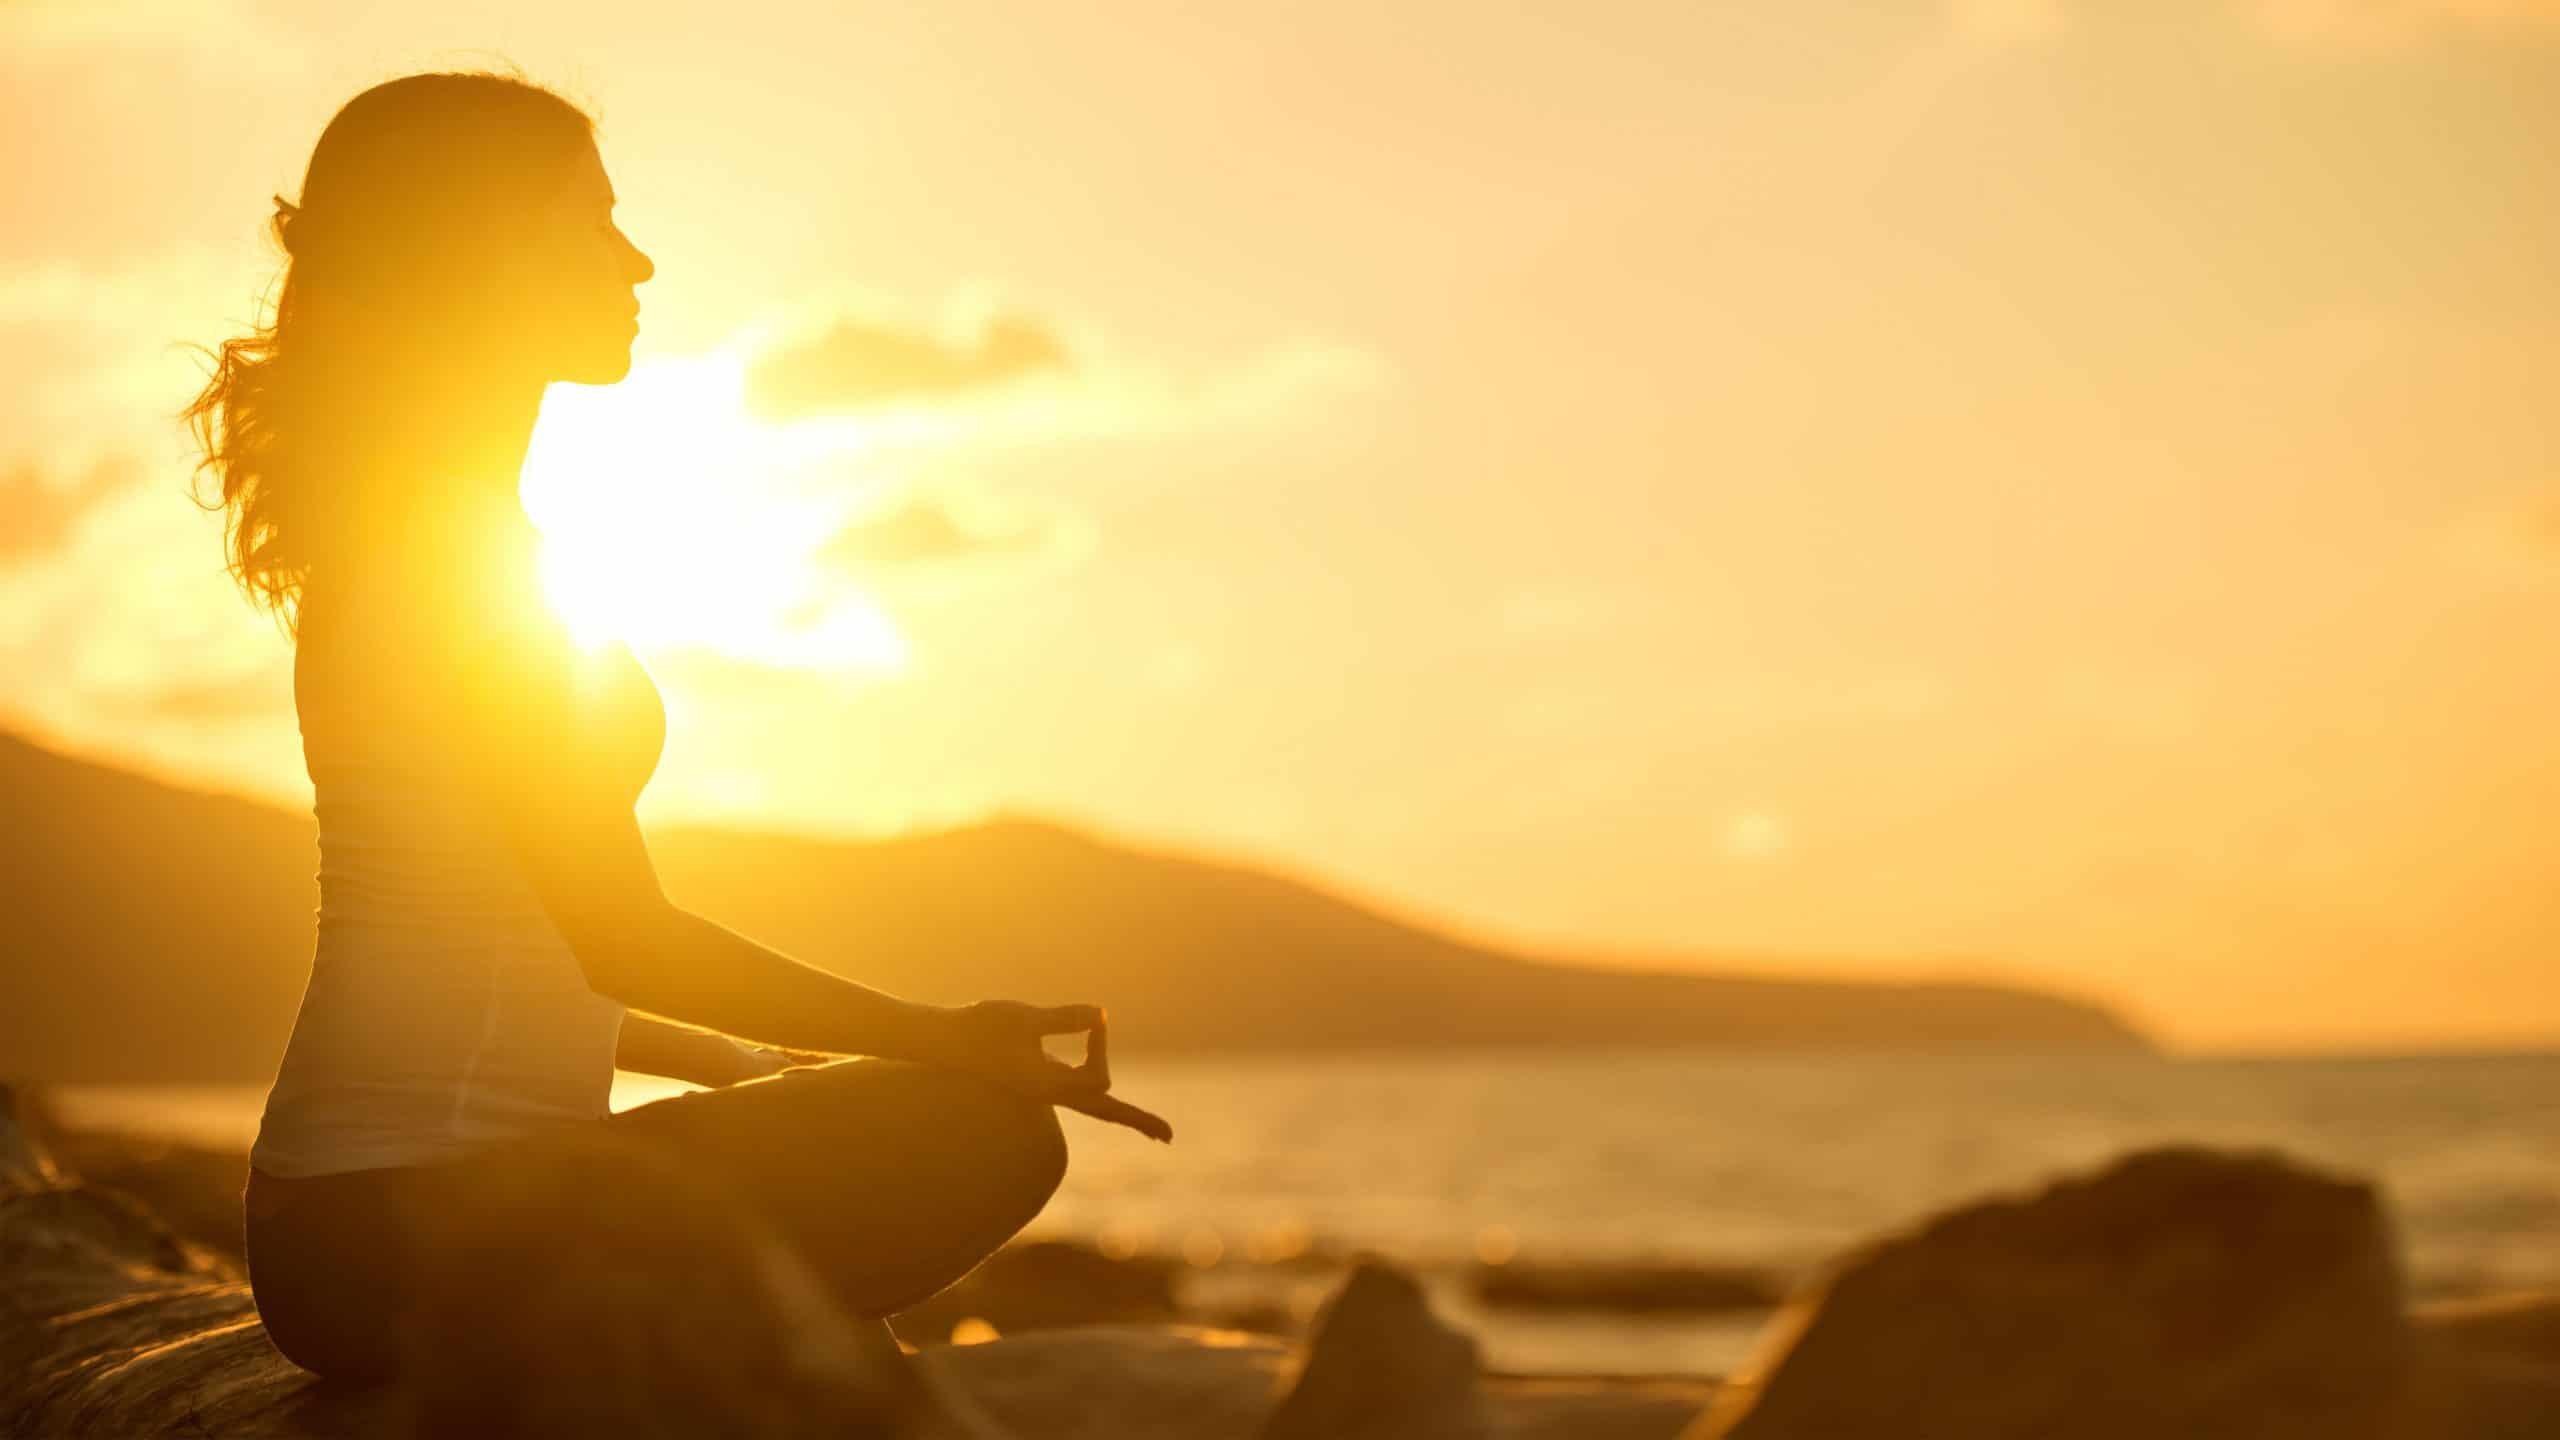 mulher meditando em pose de lótus na praia ao pôr do sol